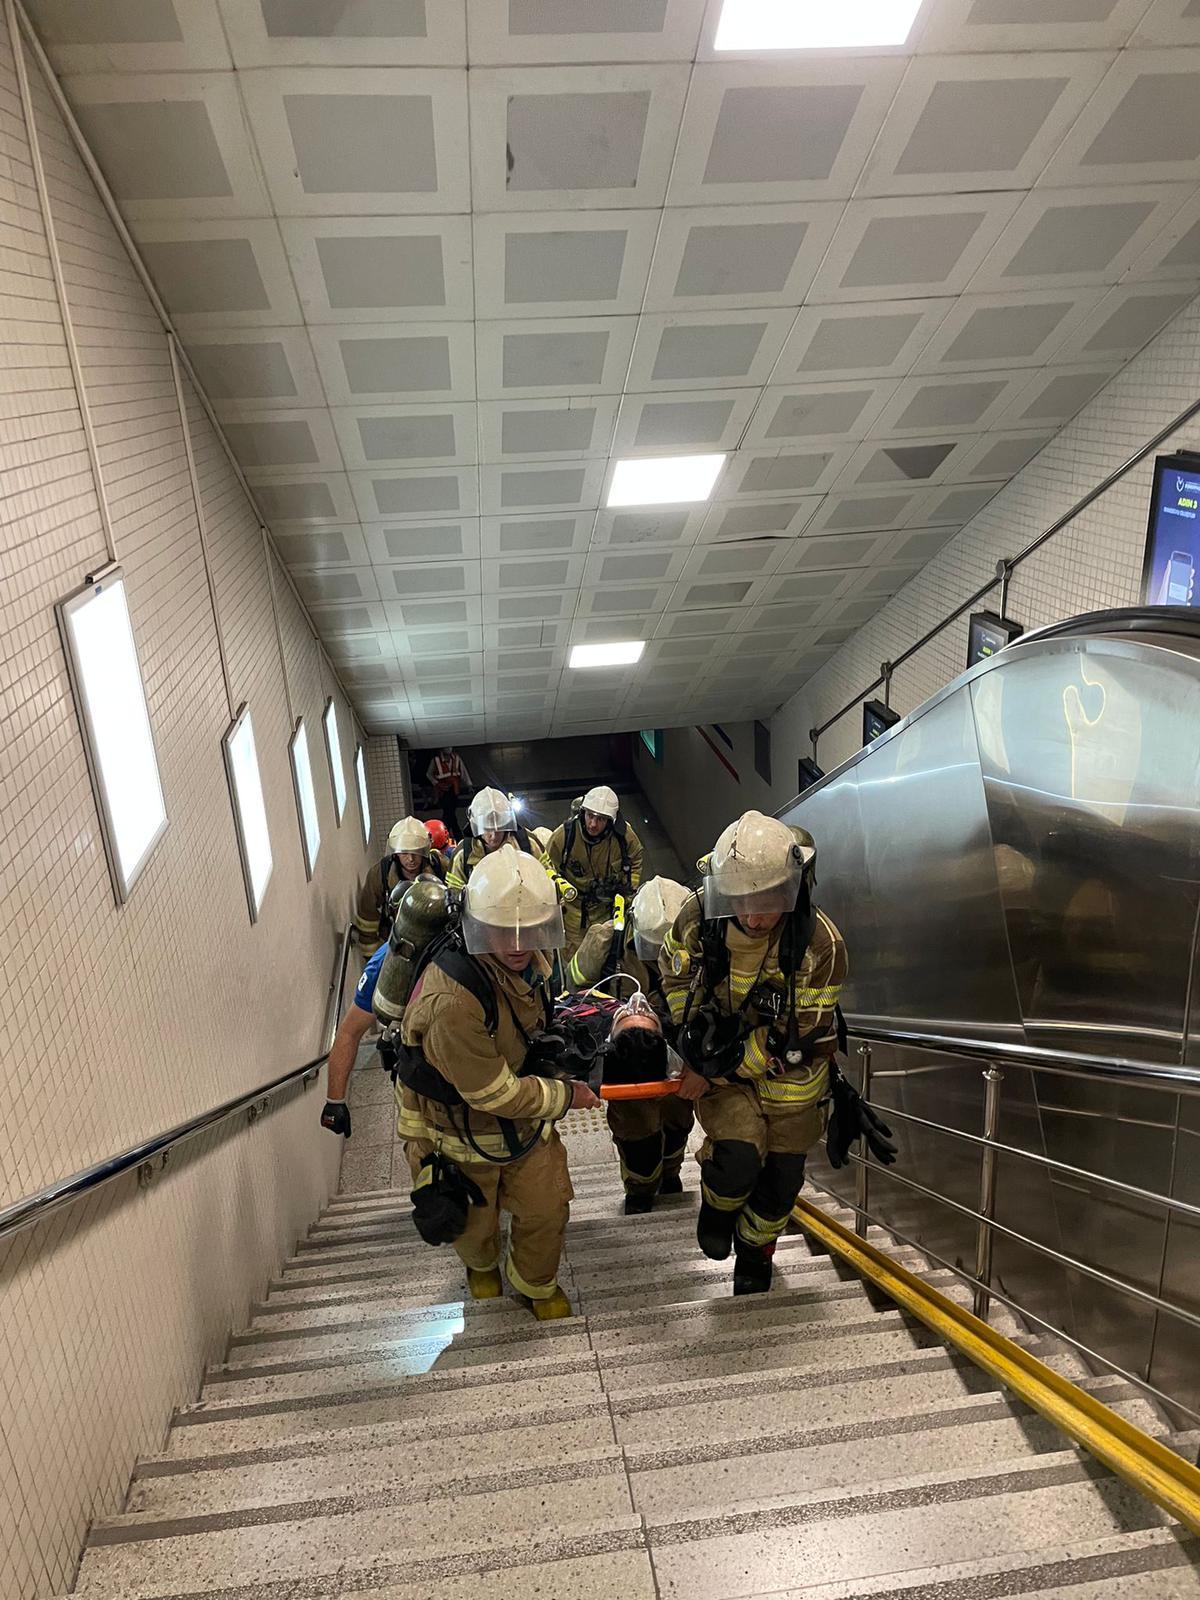 İzmir'de metro durakları arası yangın tatbikatı